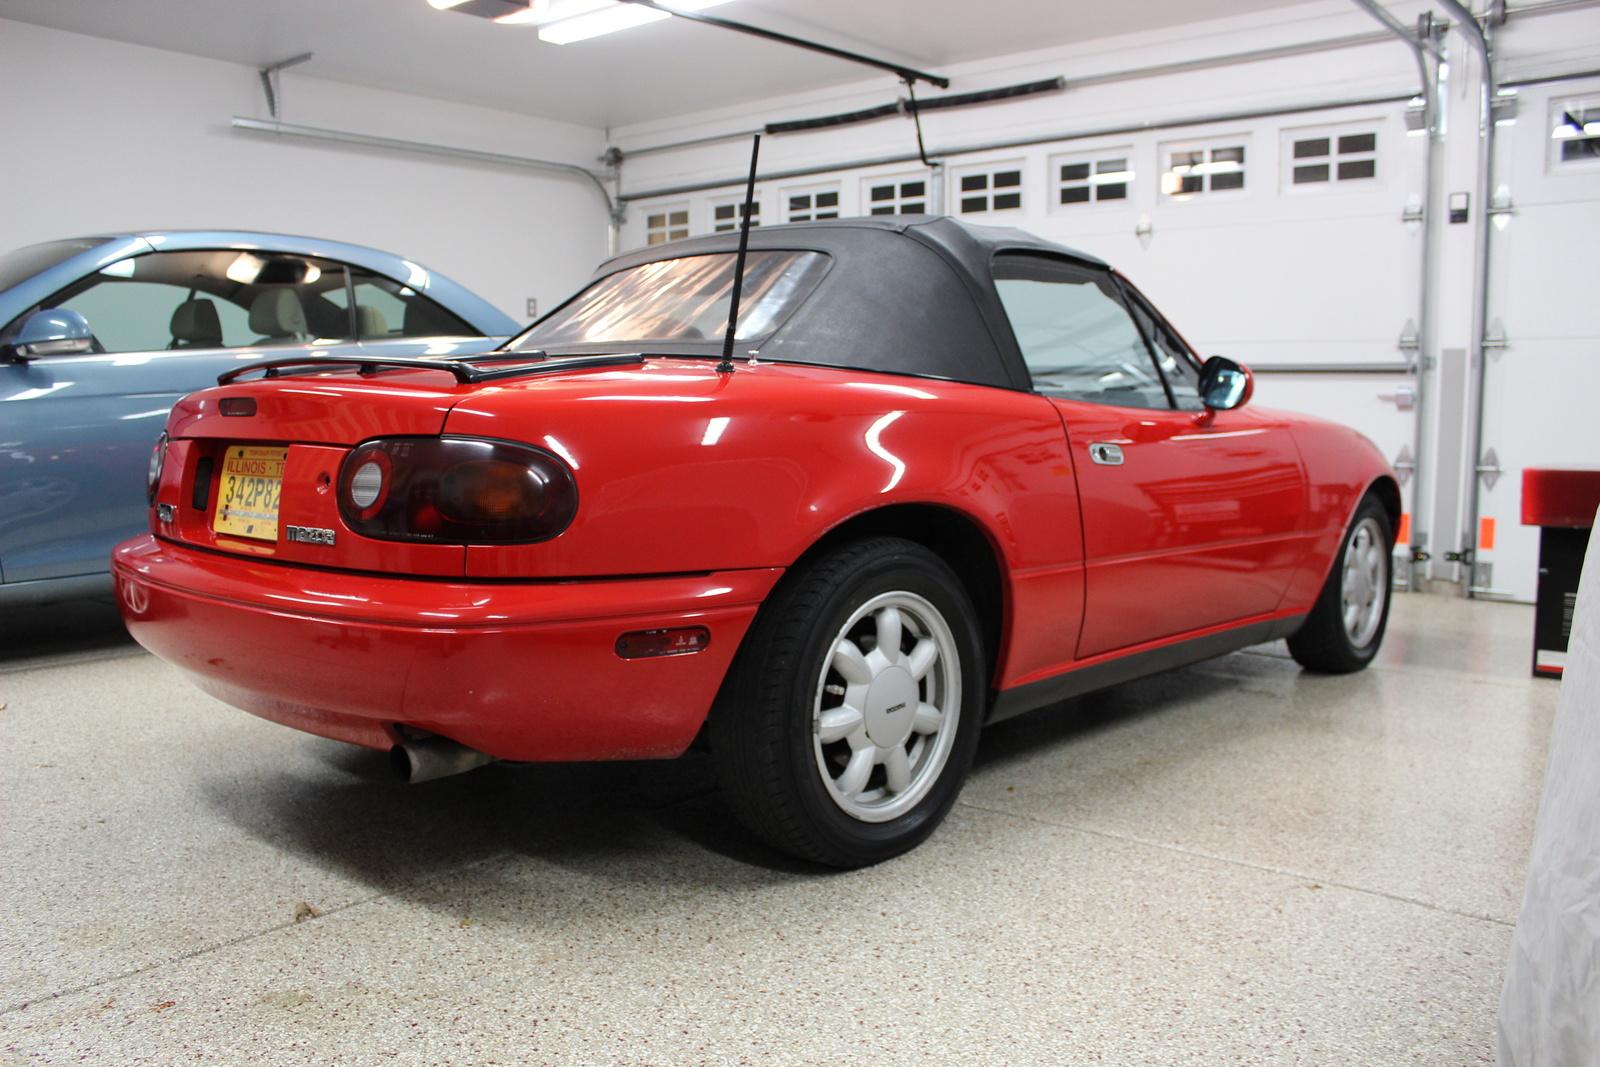 1990 Mazda Mx 5 Miata Pictures Cargurus